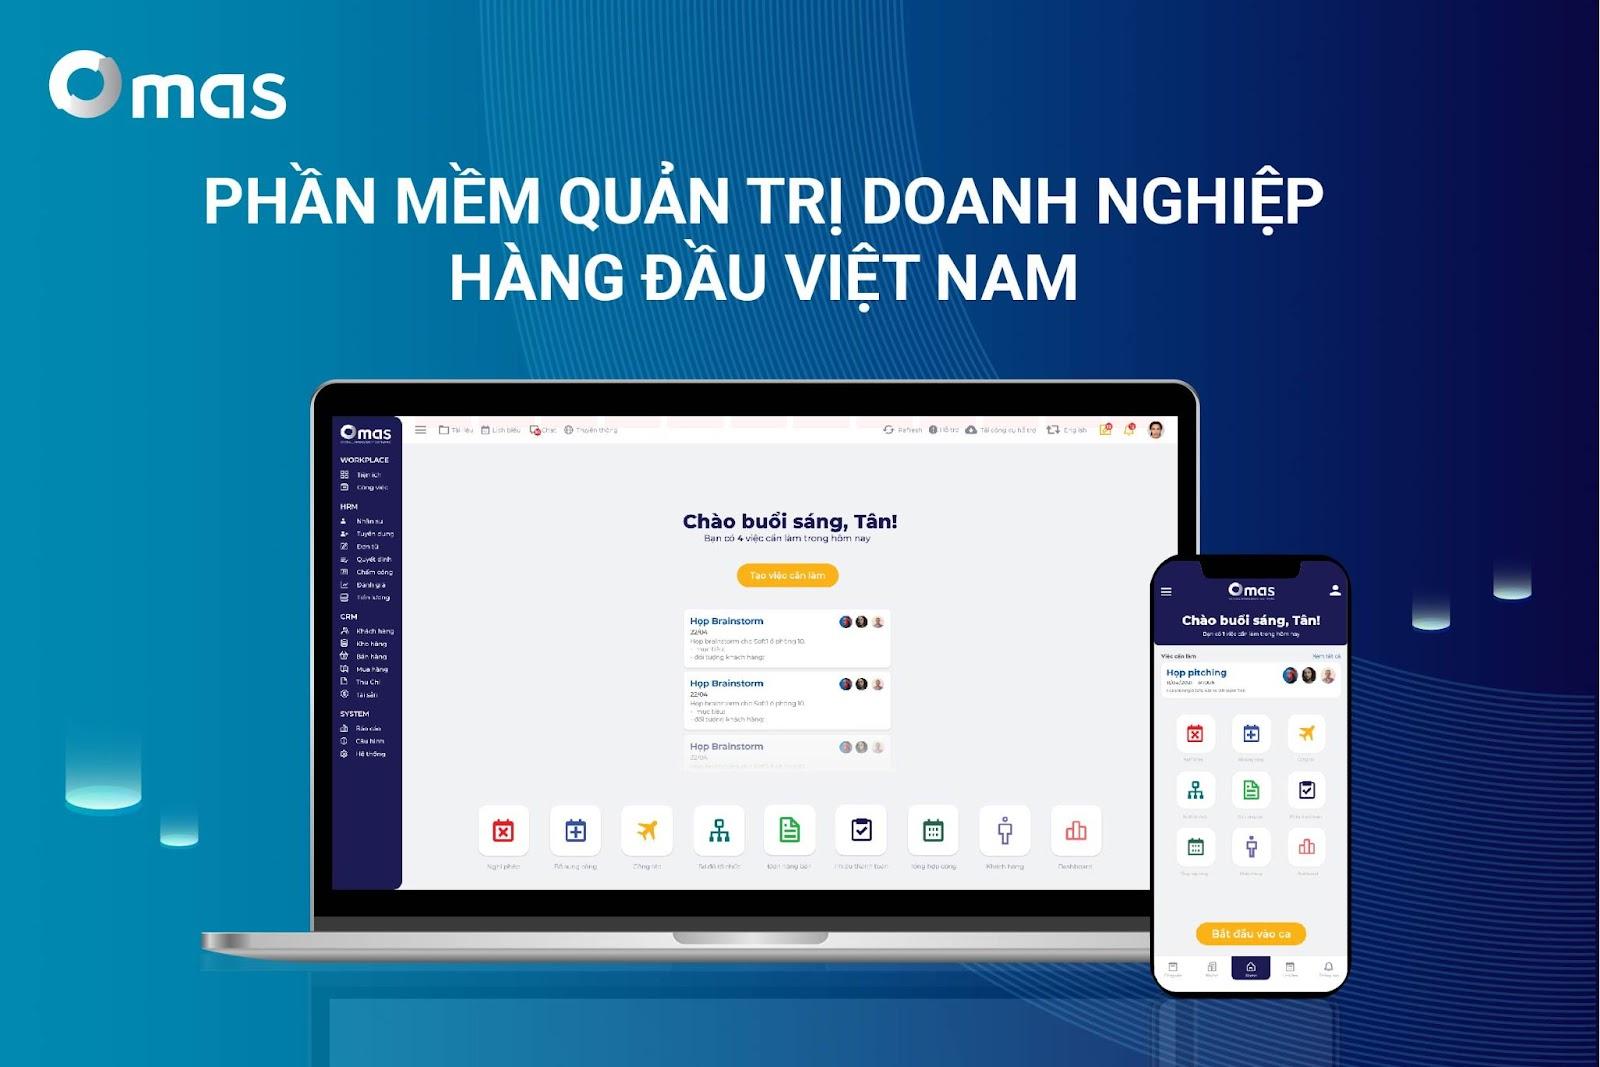 OMAS - phần mềm quản trị tổng thể doanh nghiệp